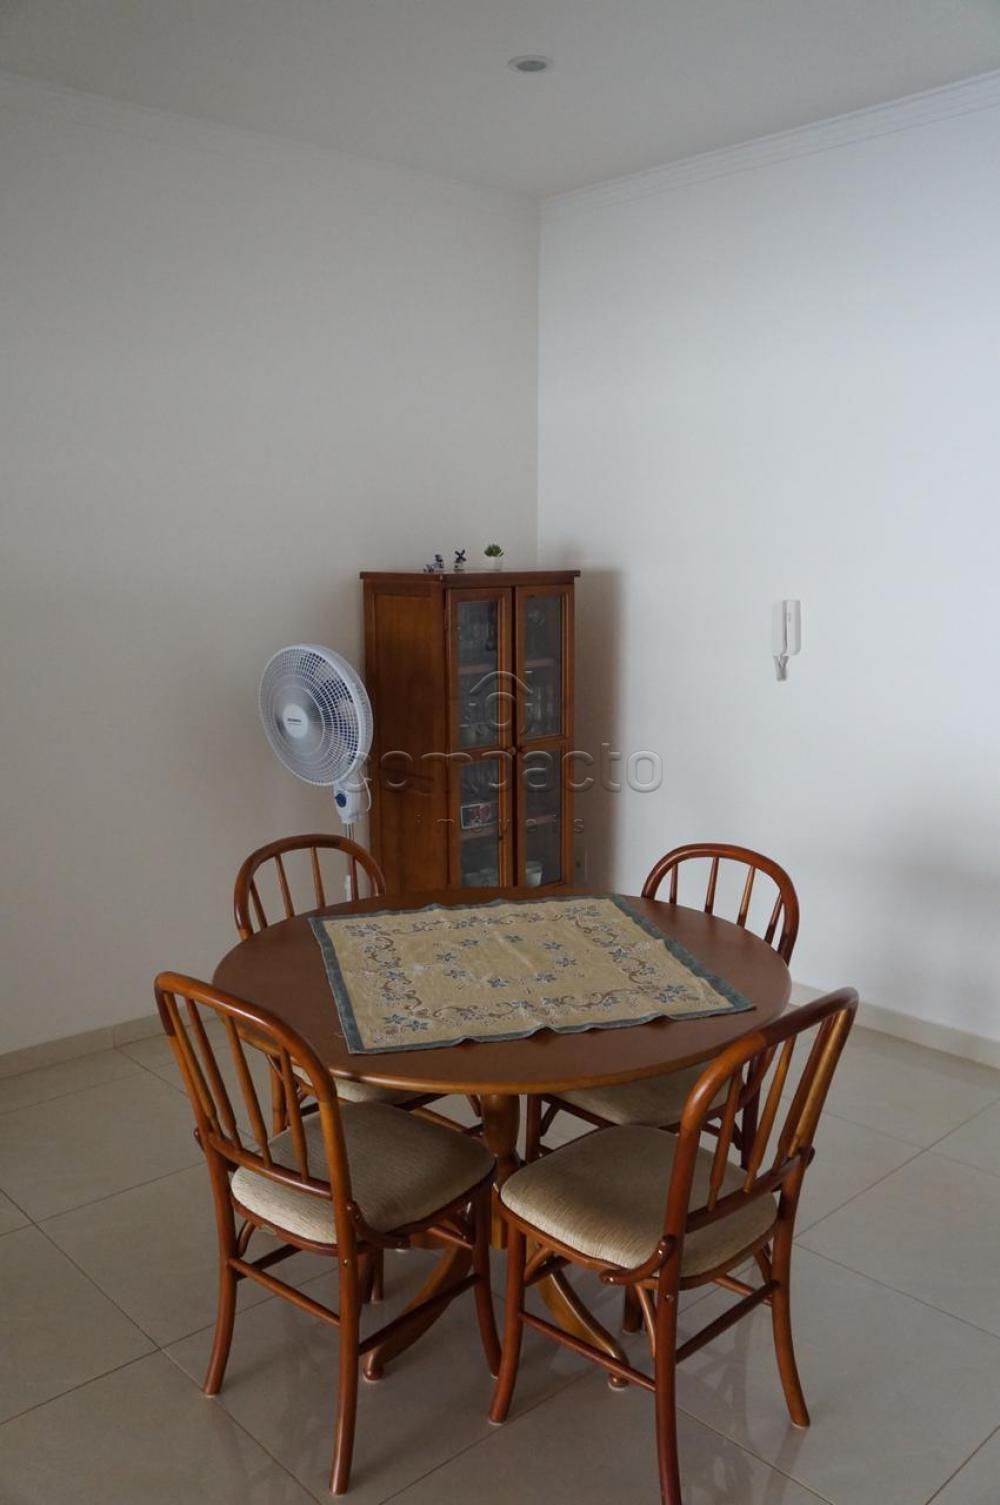 Comprar Casa / Padrão em São José do Rio Preto apenas R$ 520.000,00 - Foto 20